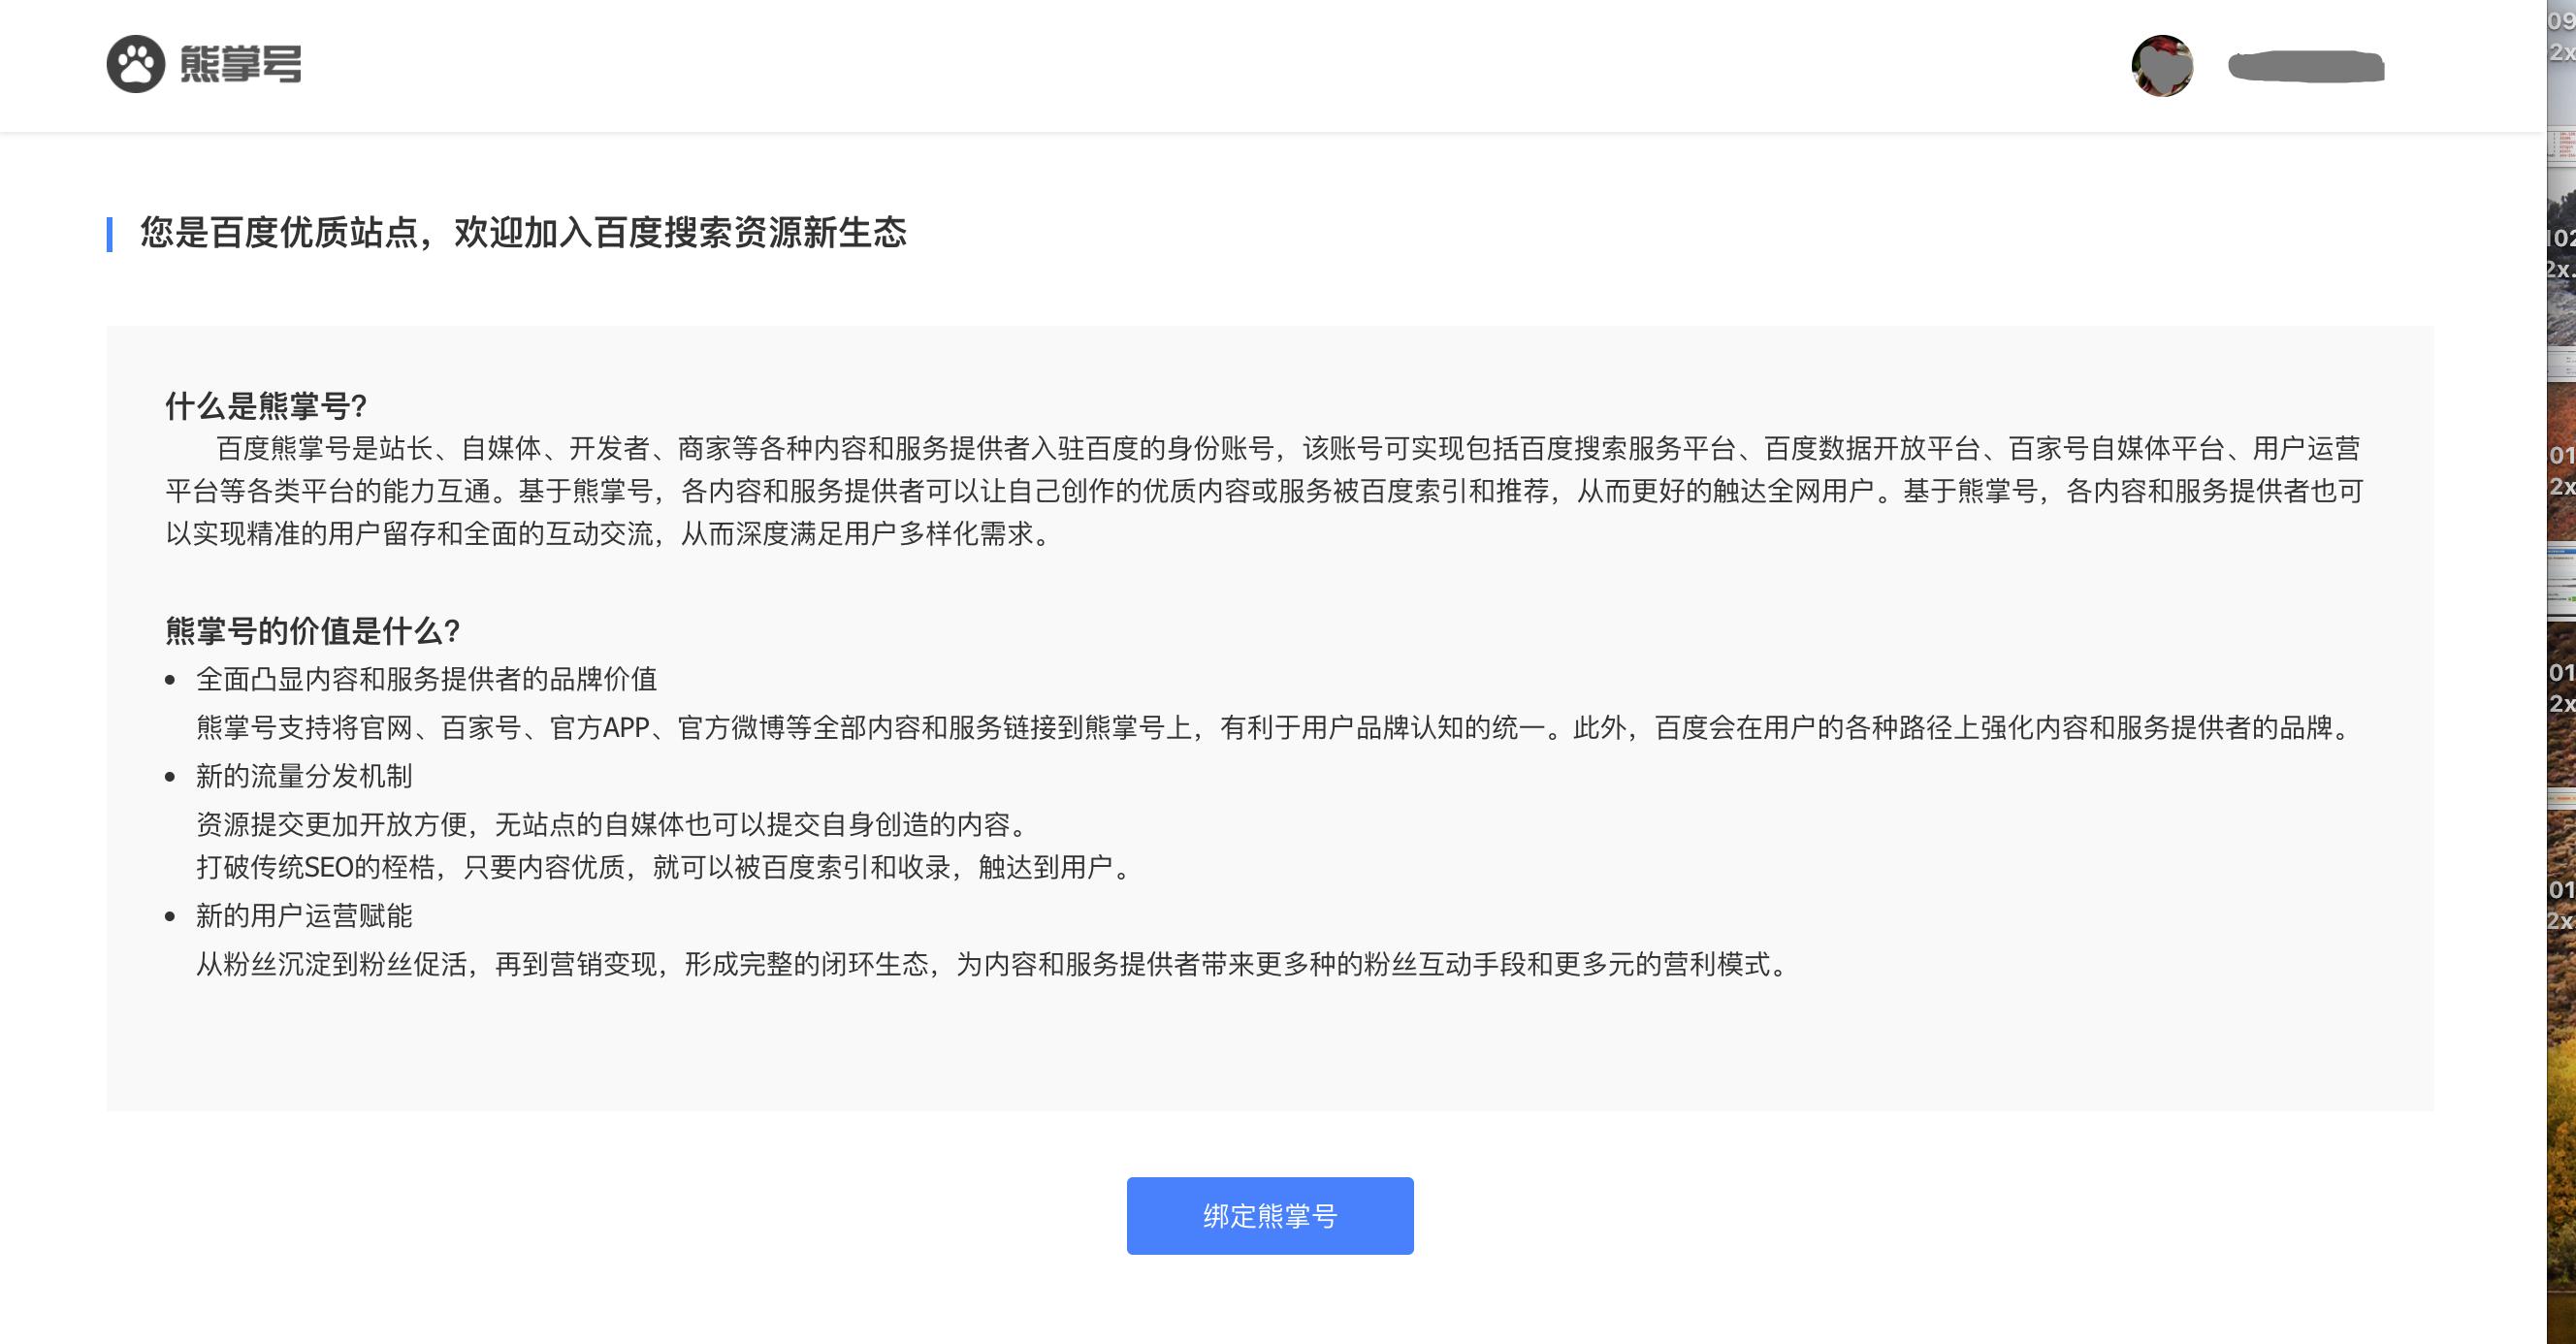 加入百度搜索资源平台,绑定熊掌号